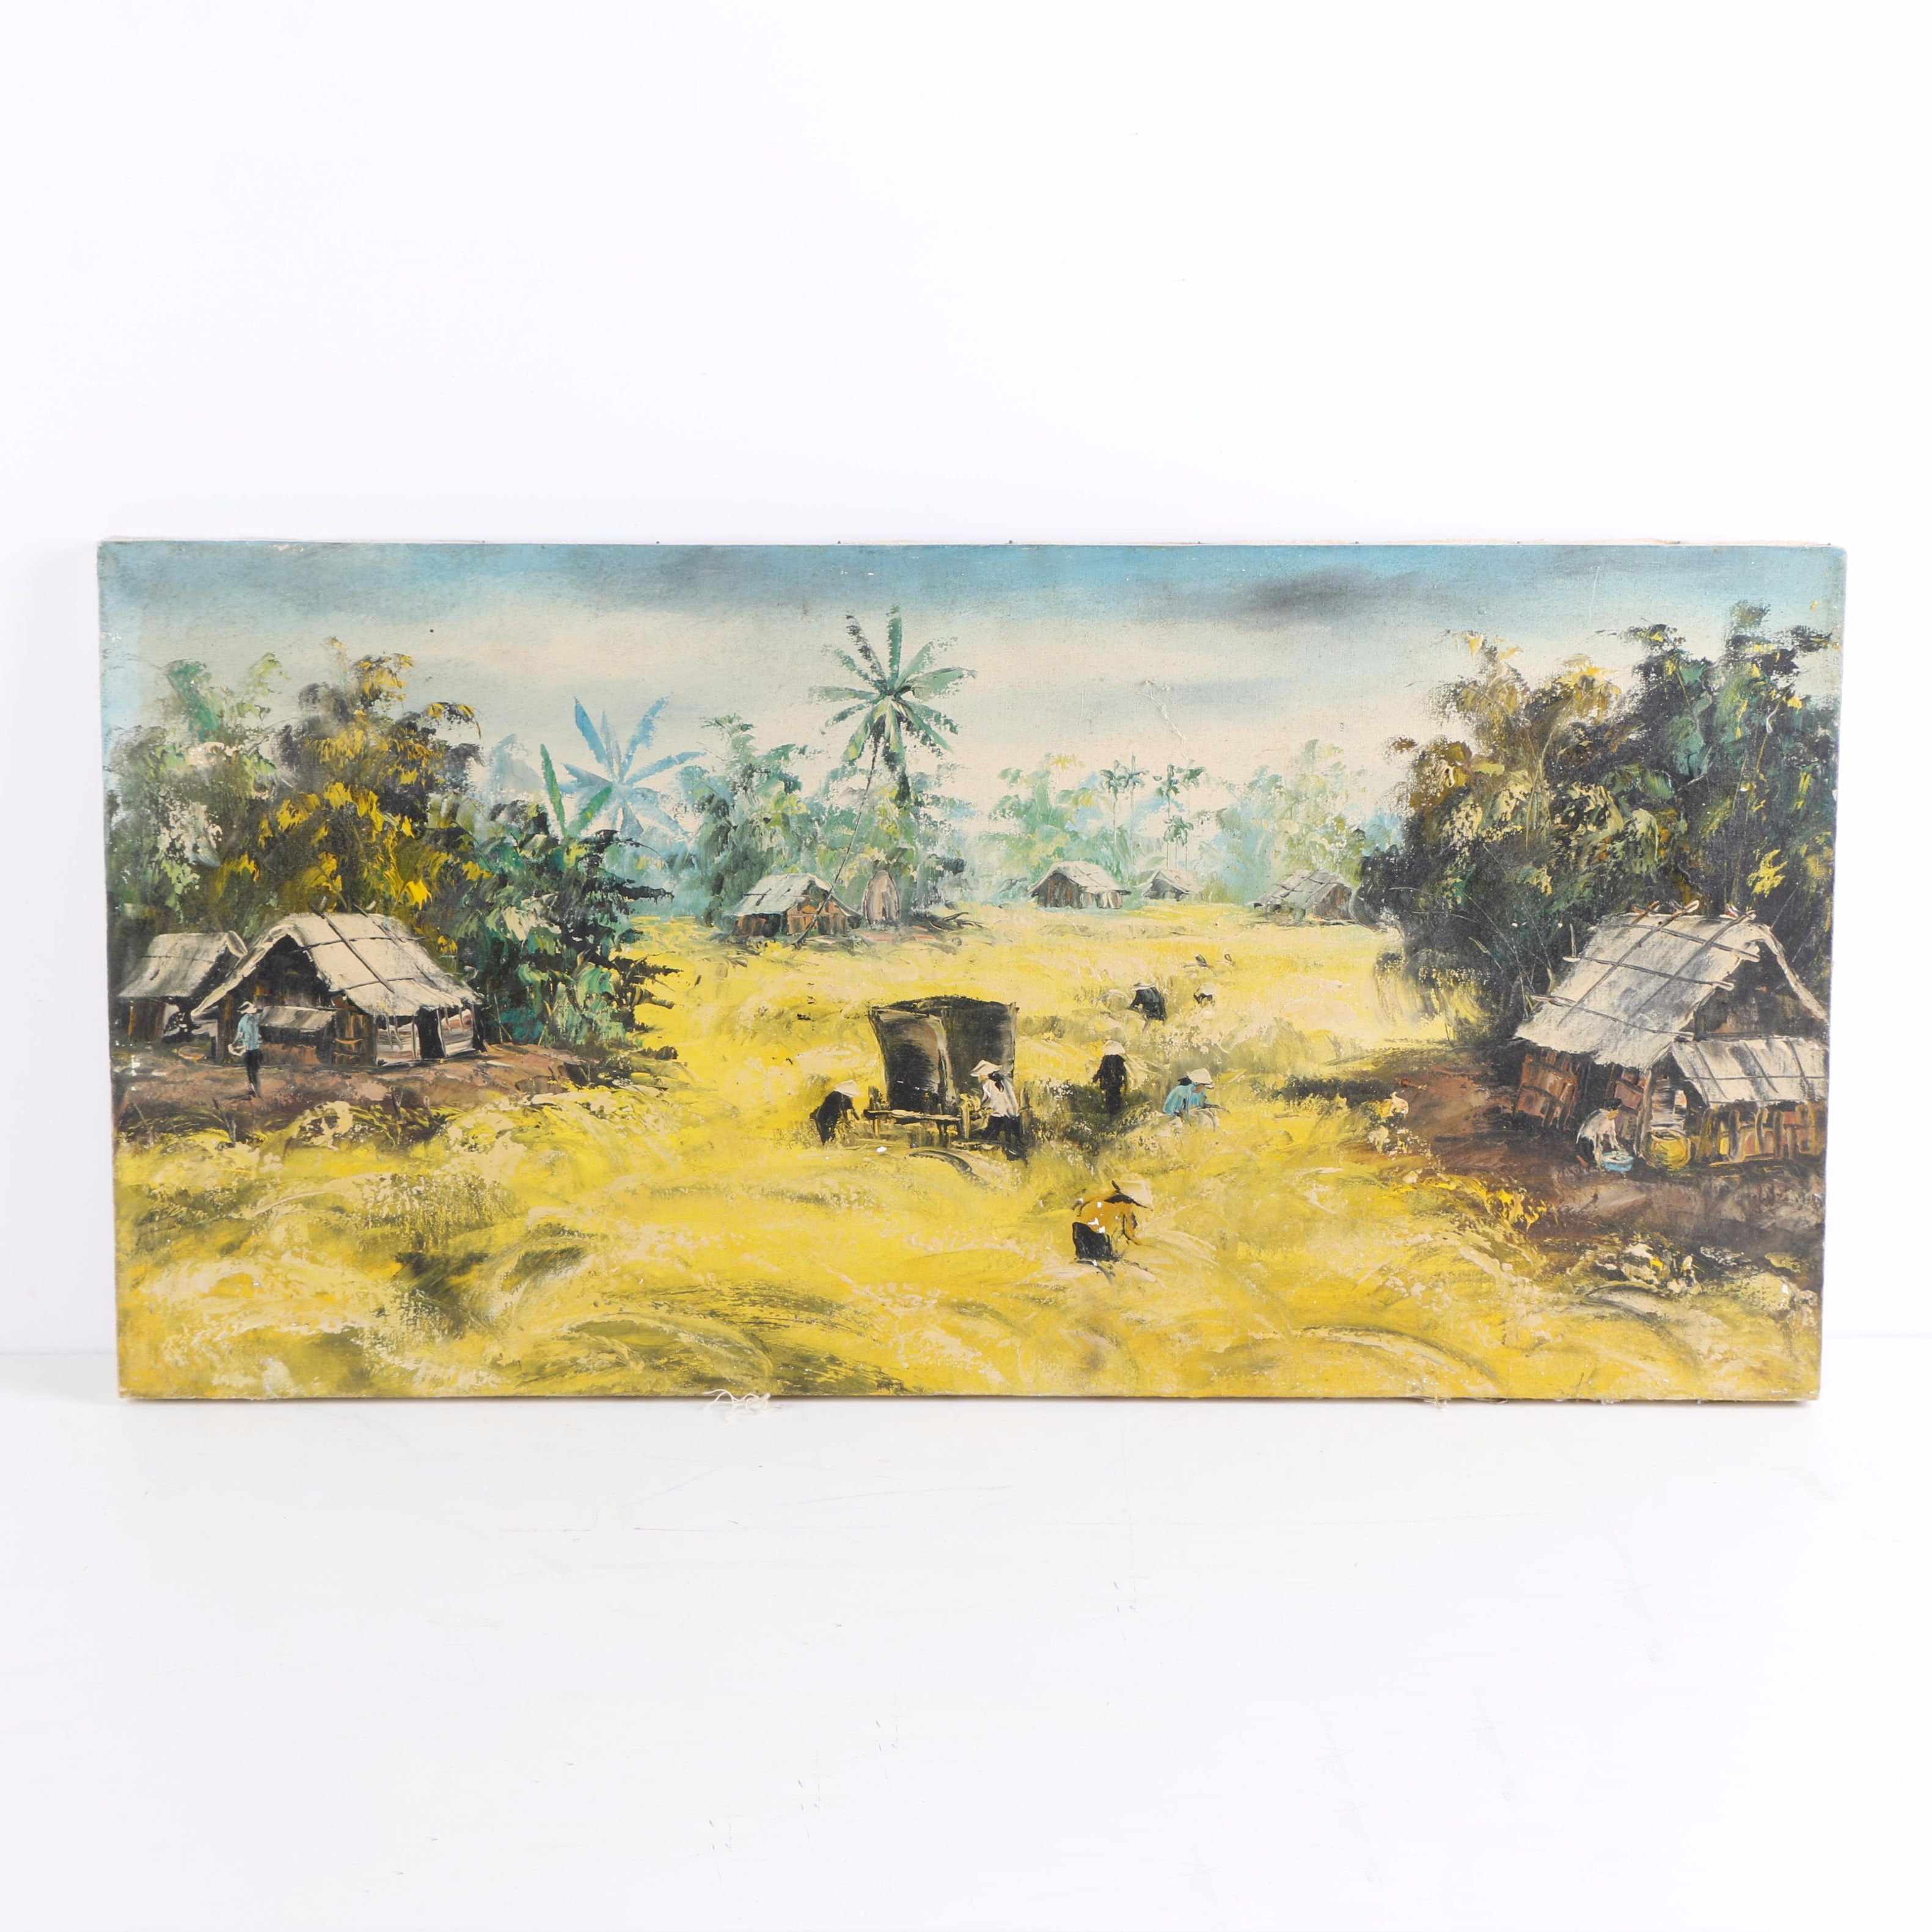 Oil Paintings of Vietnamese Village Scenes